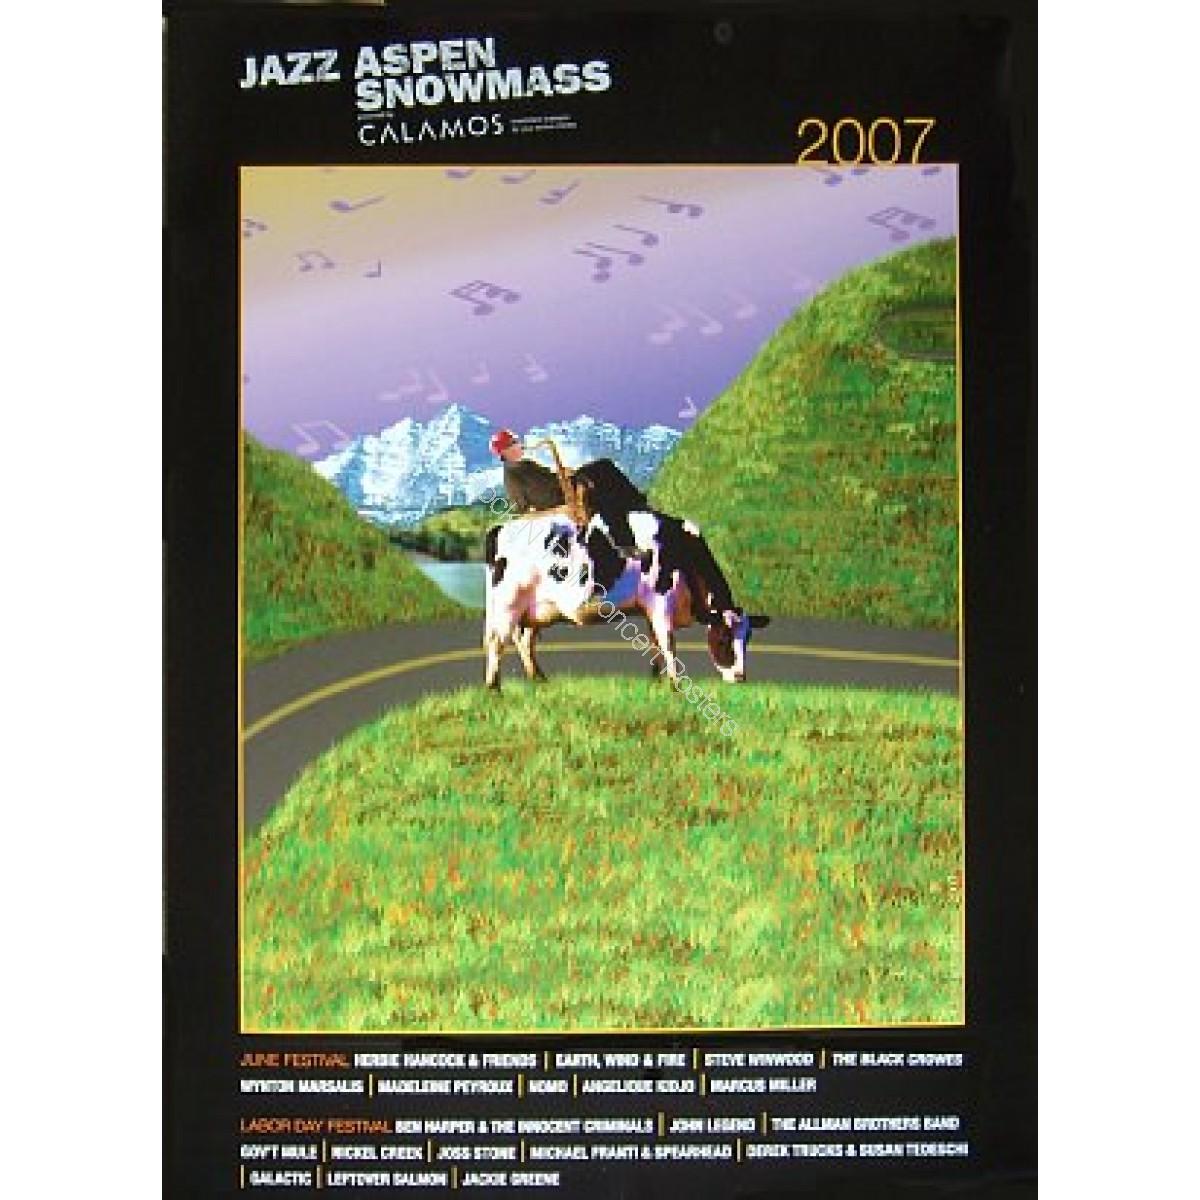 Jazz Aspen Snowmass 2007